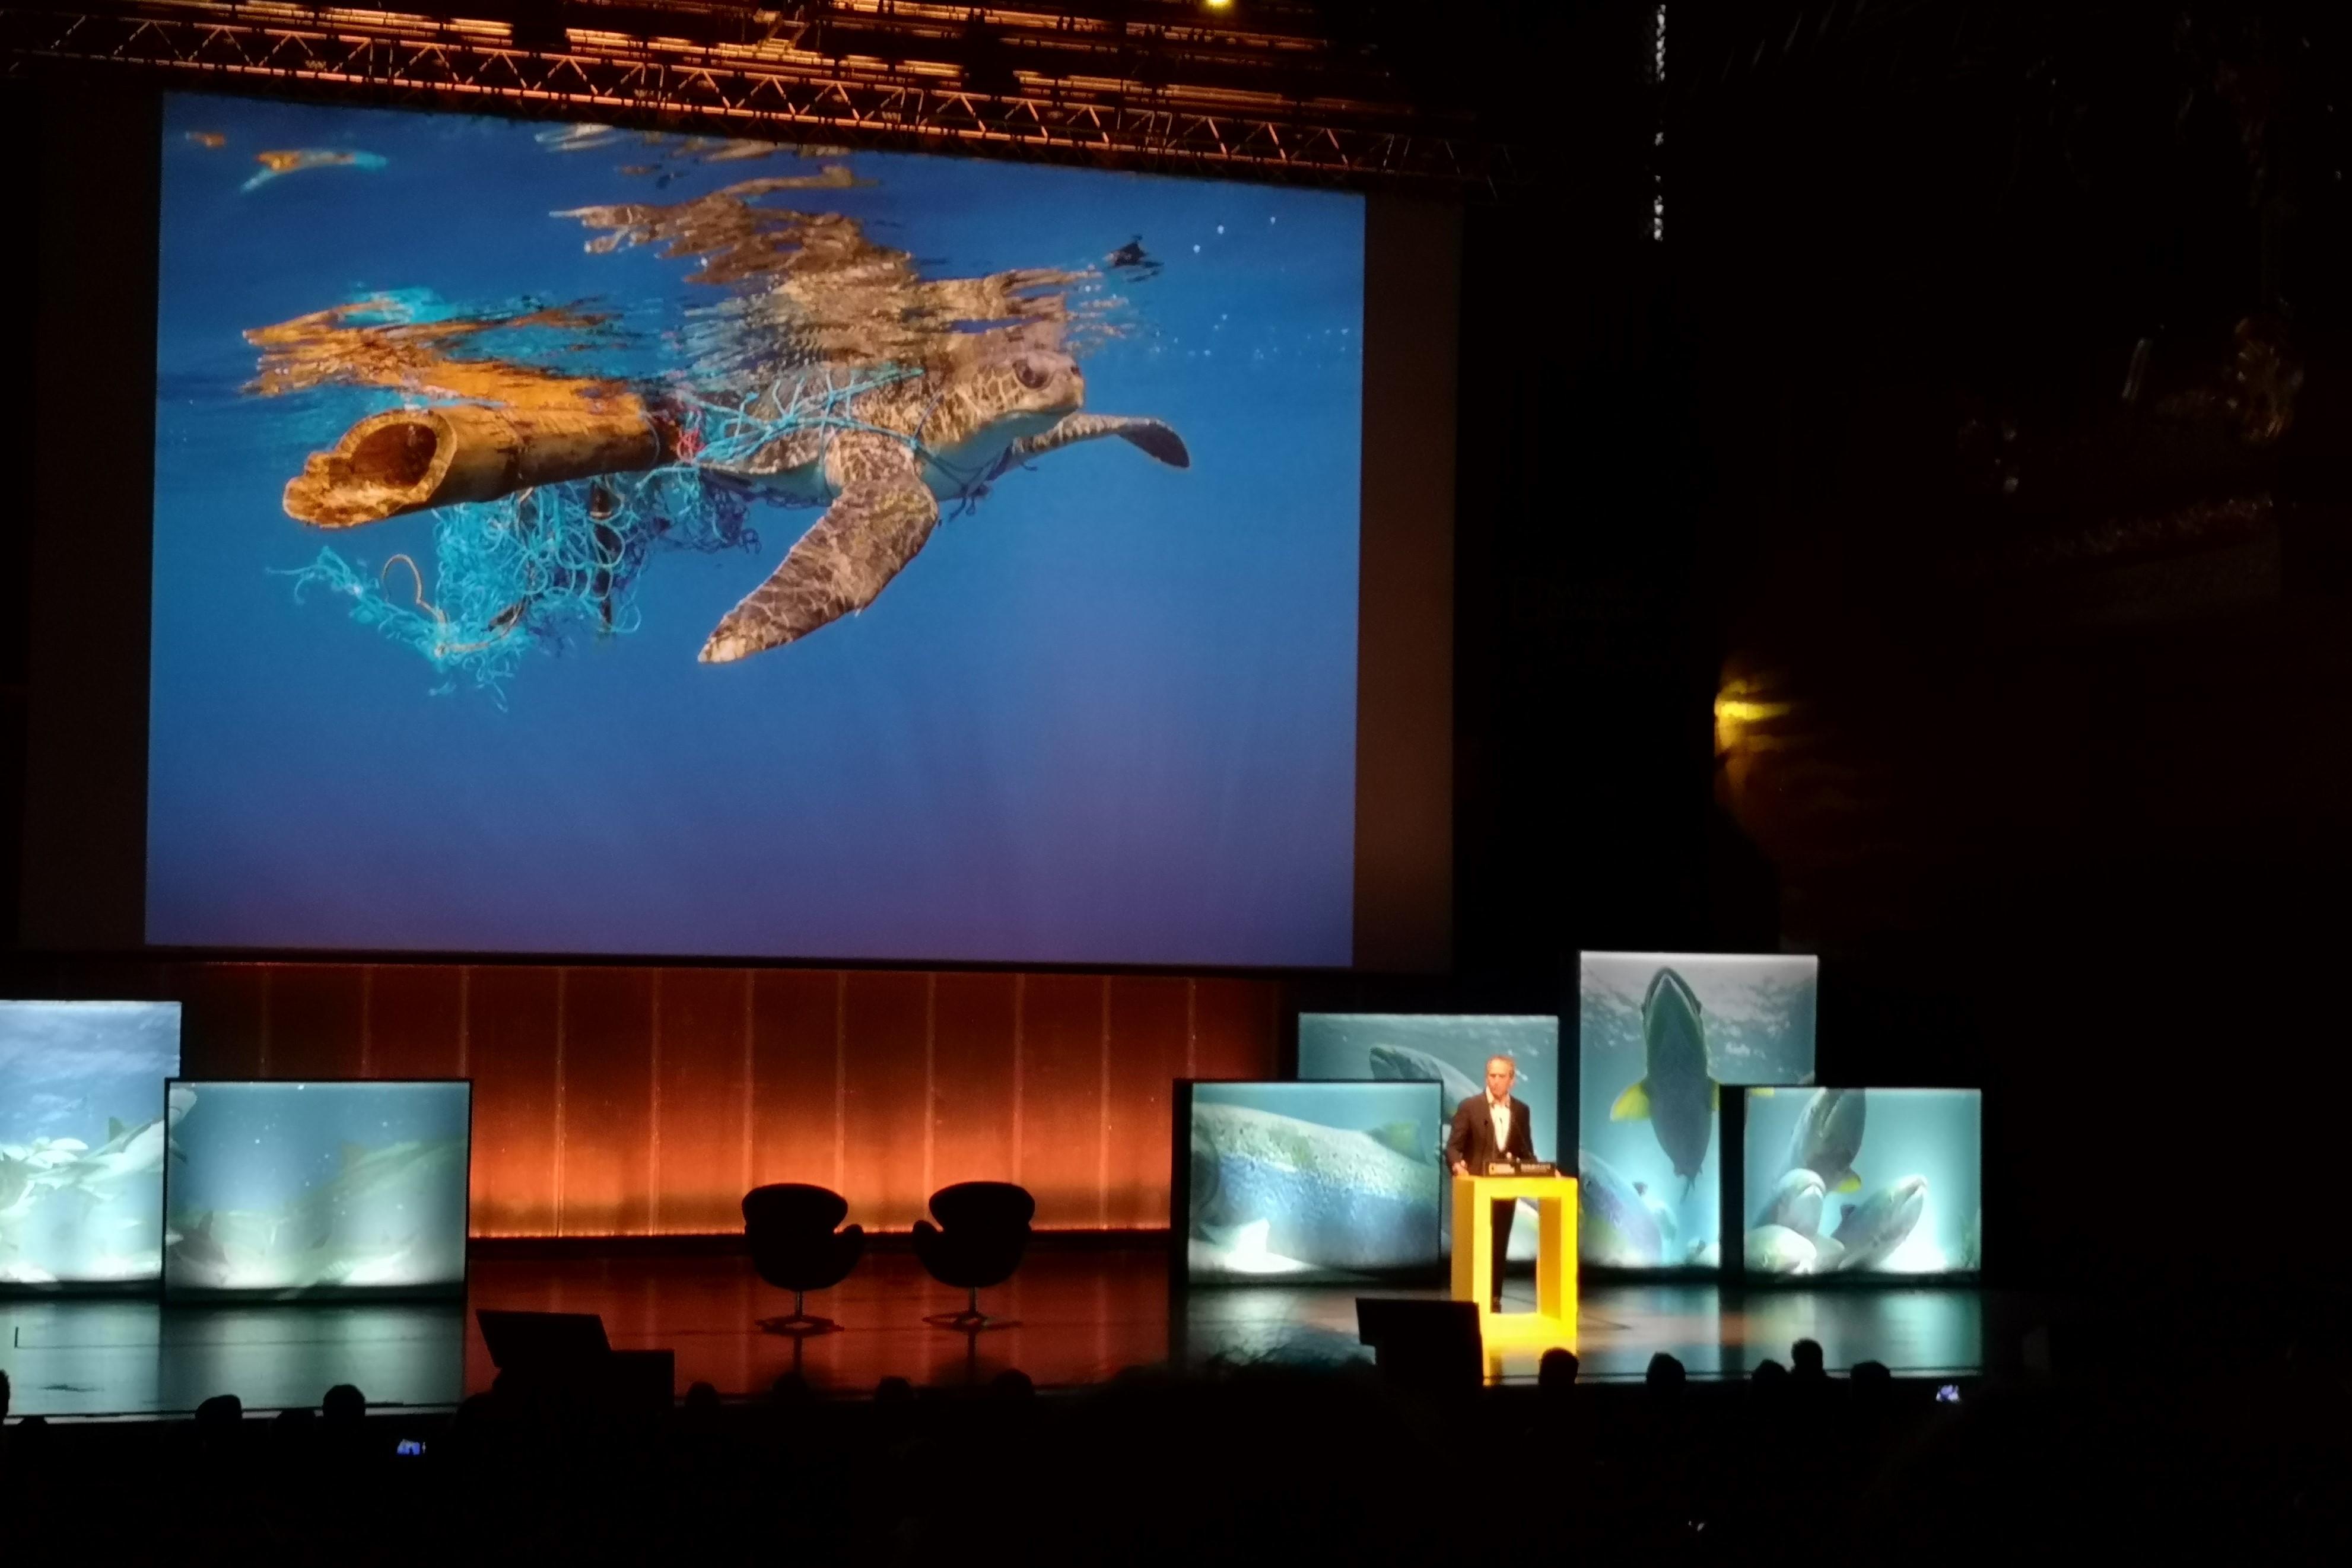 Na intervenção de Brian Skerry discutiu-se o poder da comunicação através da imagem. Fotografia: Mariana Miranda.